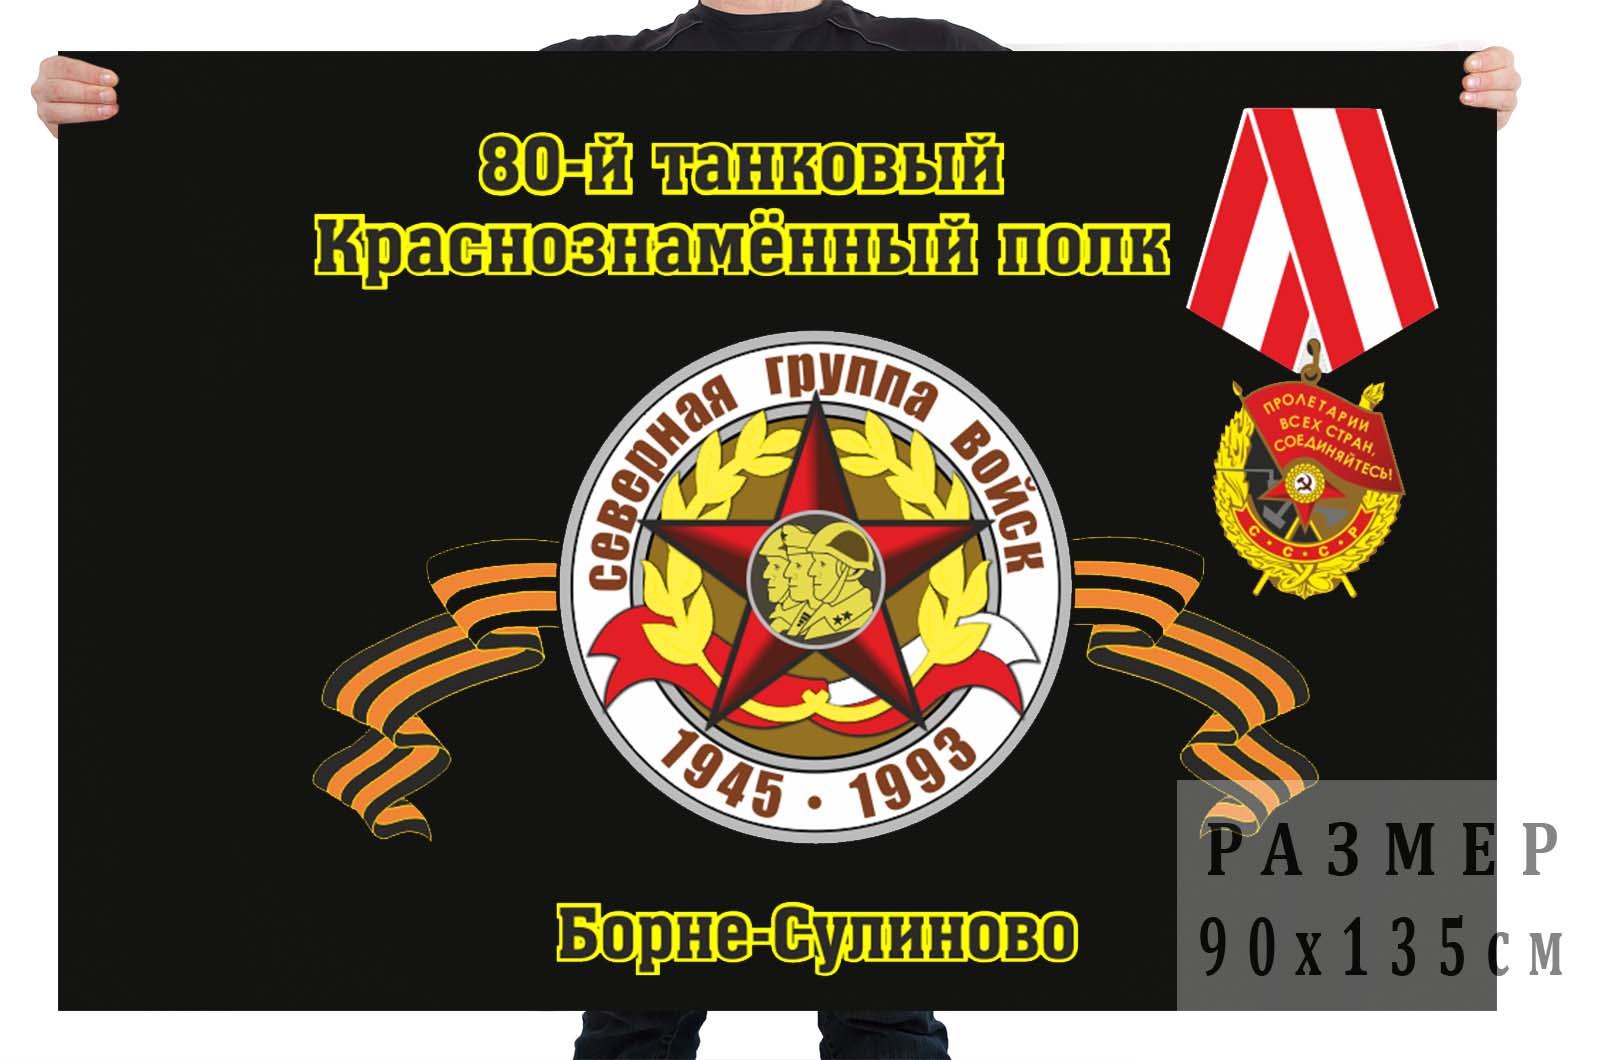 Флаг 80-й танковый Краснознамённый полк. Борне-Сулиново